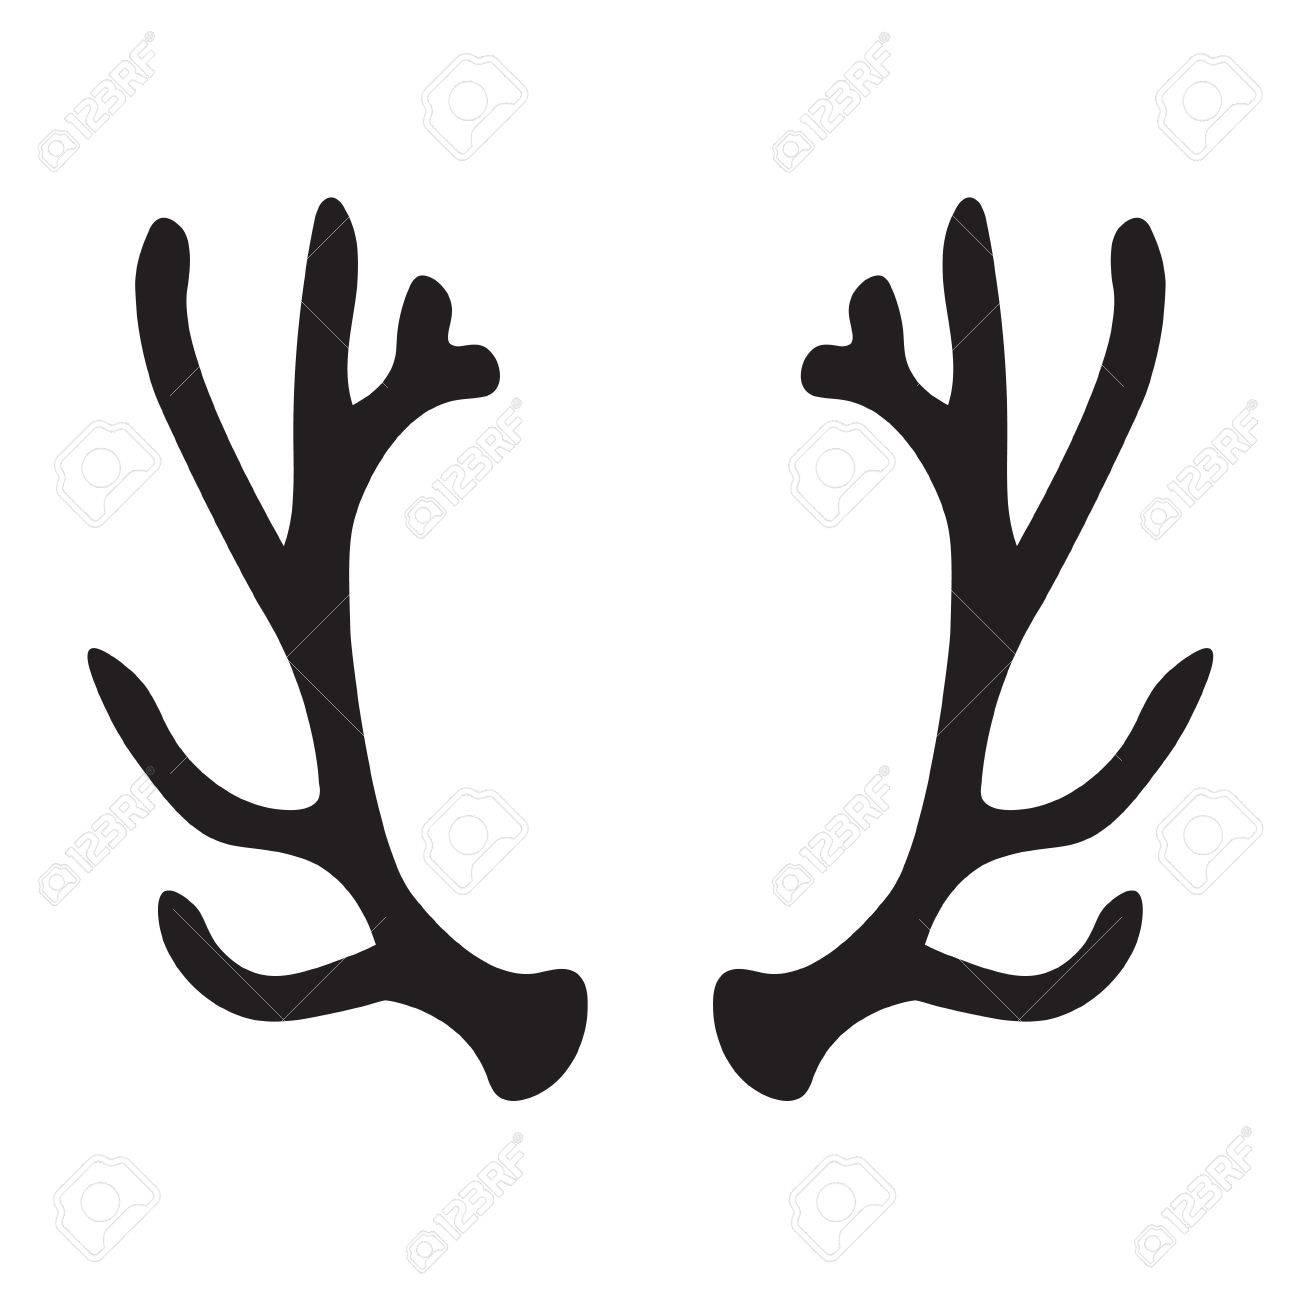 Black silhouette of deer antlers.